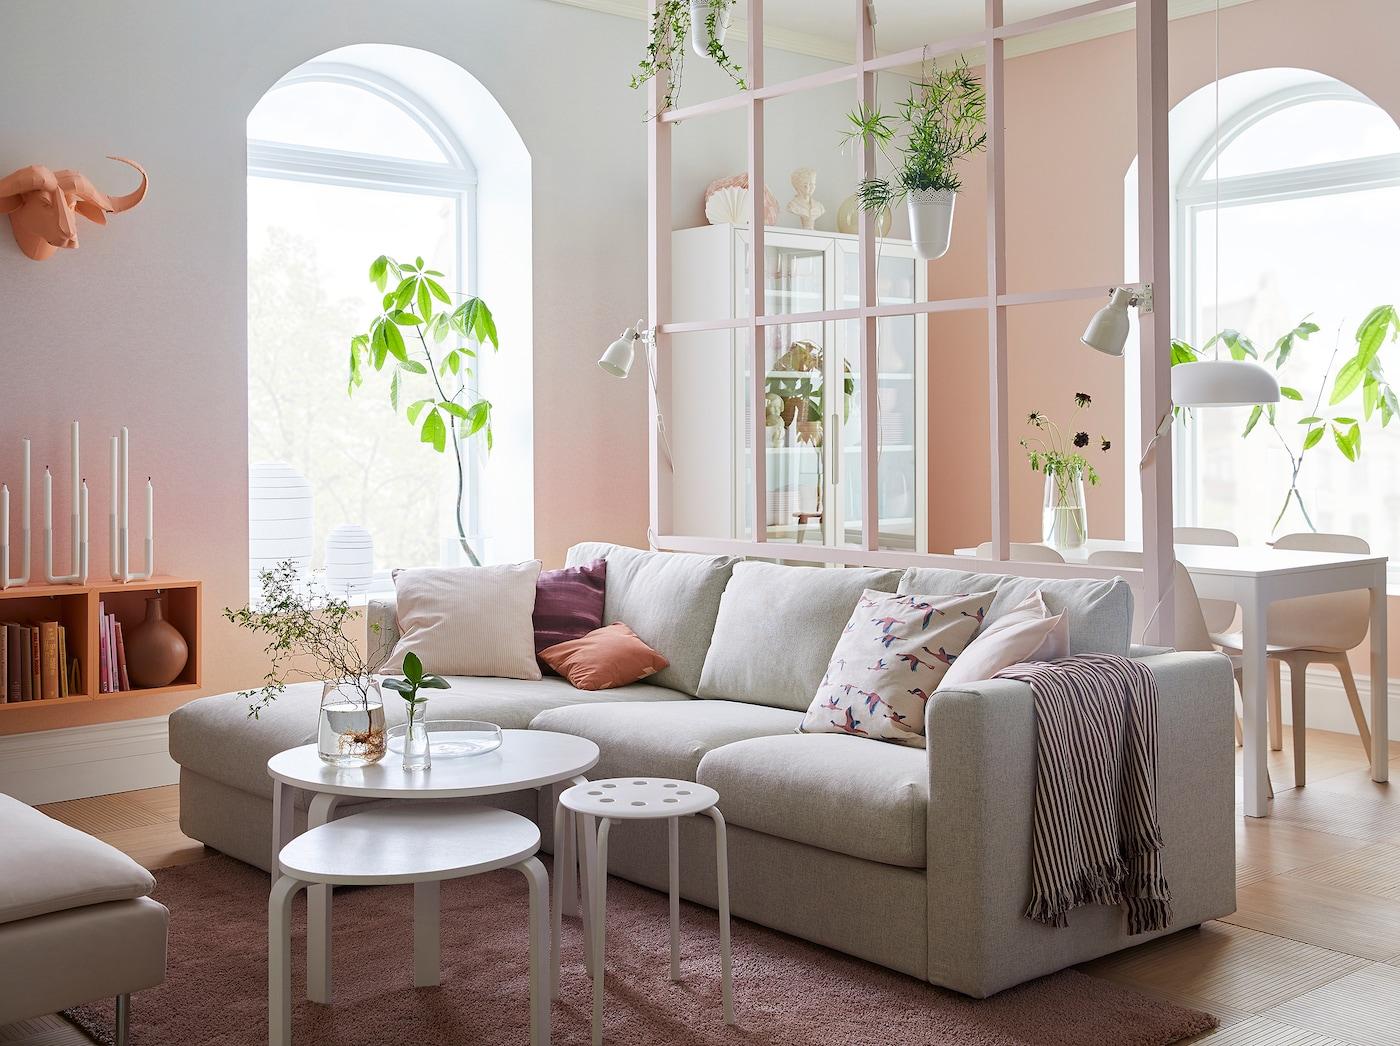 Vaaleanpunainen ja valkoinen olohuone, jossa on liukuvärjätyt seinät, beige sohva divaanilla. Ruokailutila näkyy taustalla.